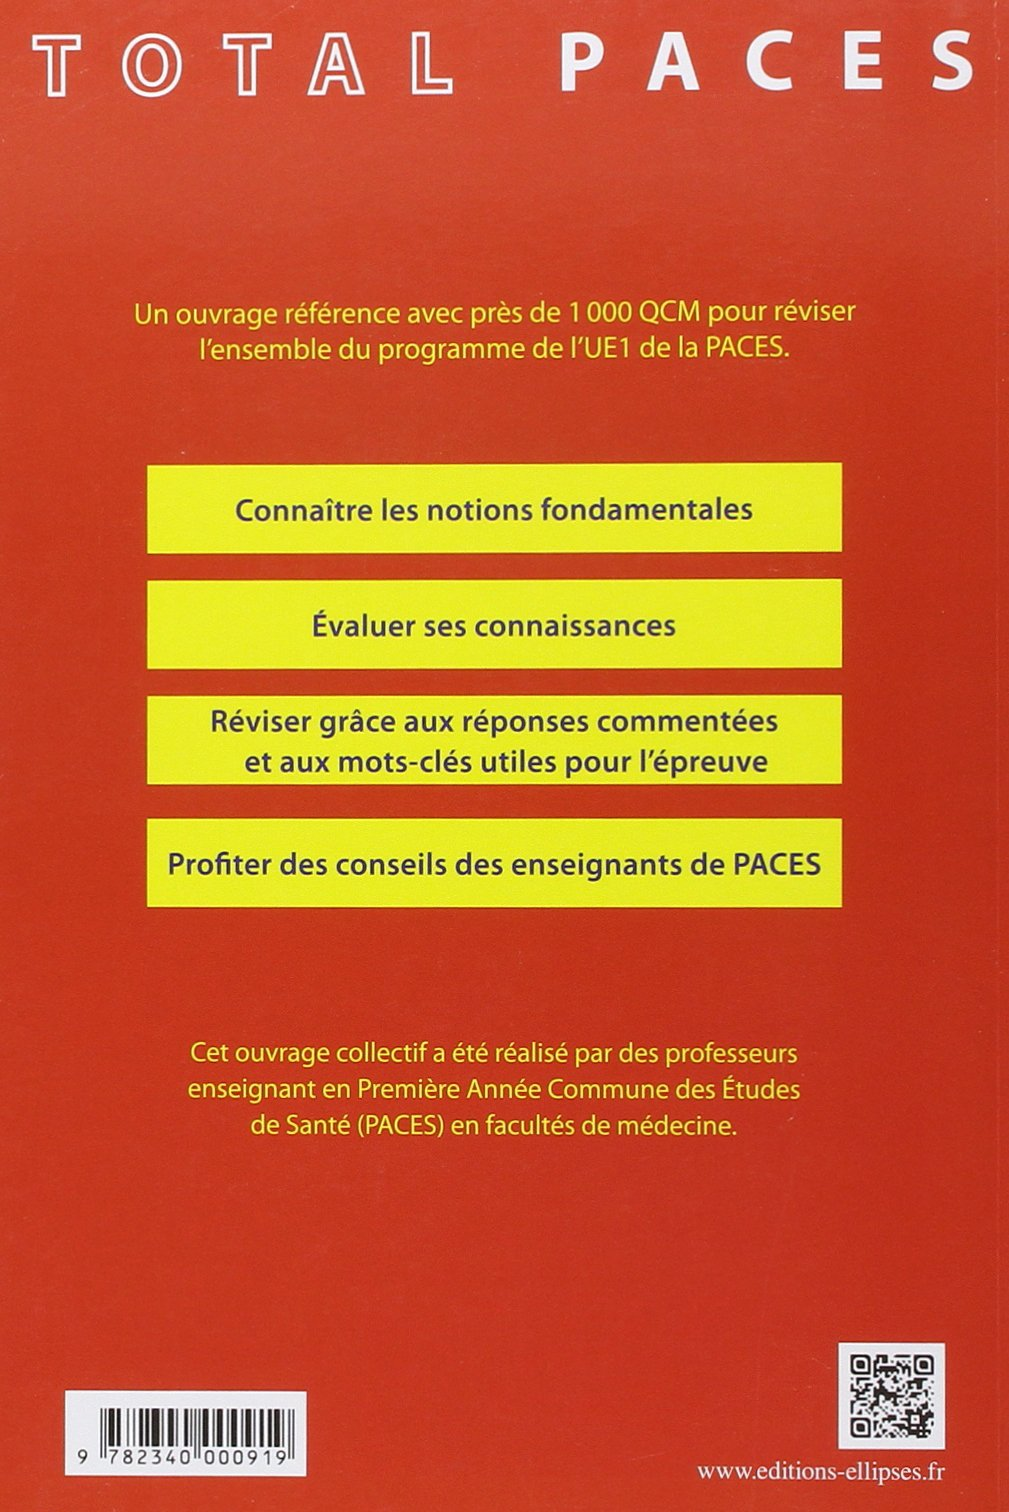 e1765e3f9e70 Amazon.fr - Total PACES UE1 en 1000 QCM Corrigés et Commentés Chimie  Générale et Organique Biochime Physiologie Biologie Moléculaire -  Emmanuelle ...